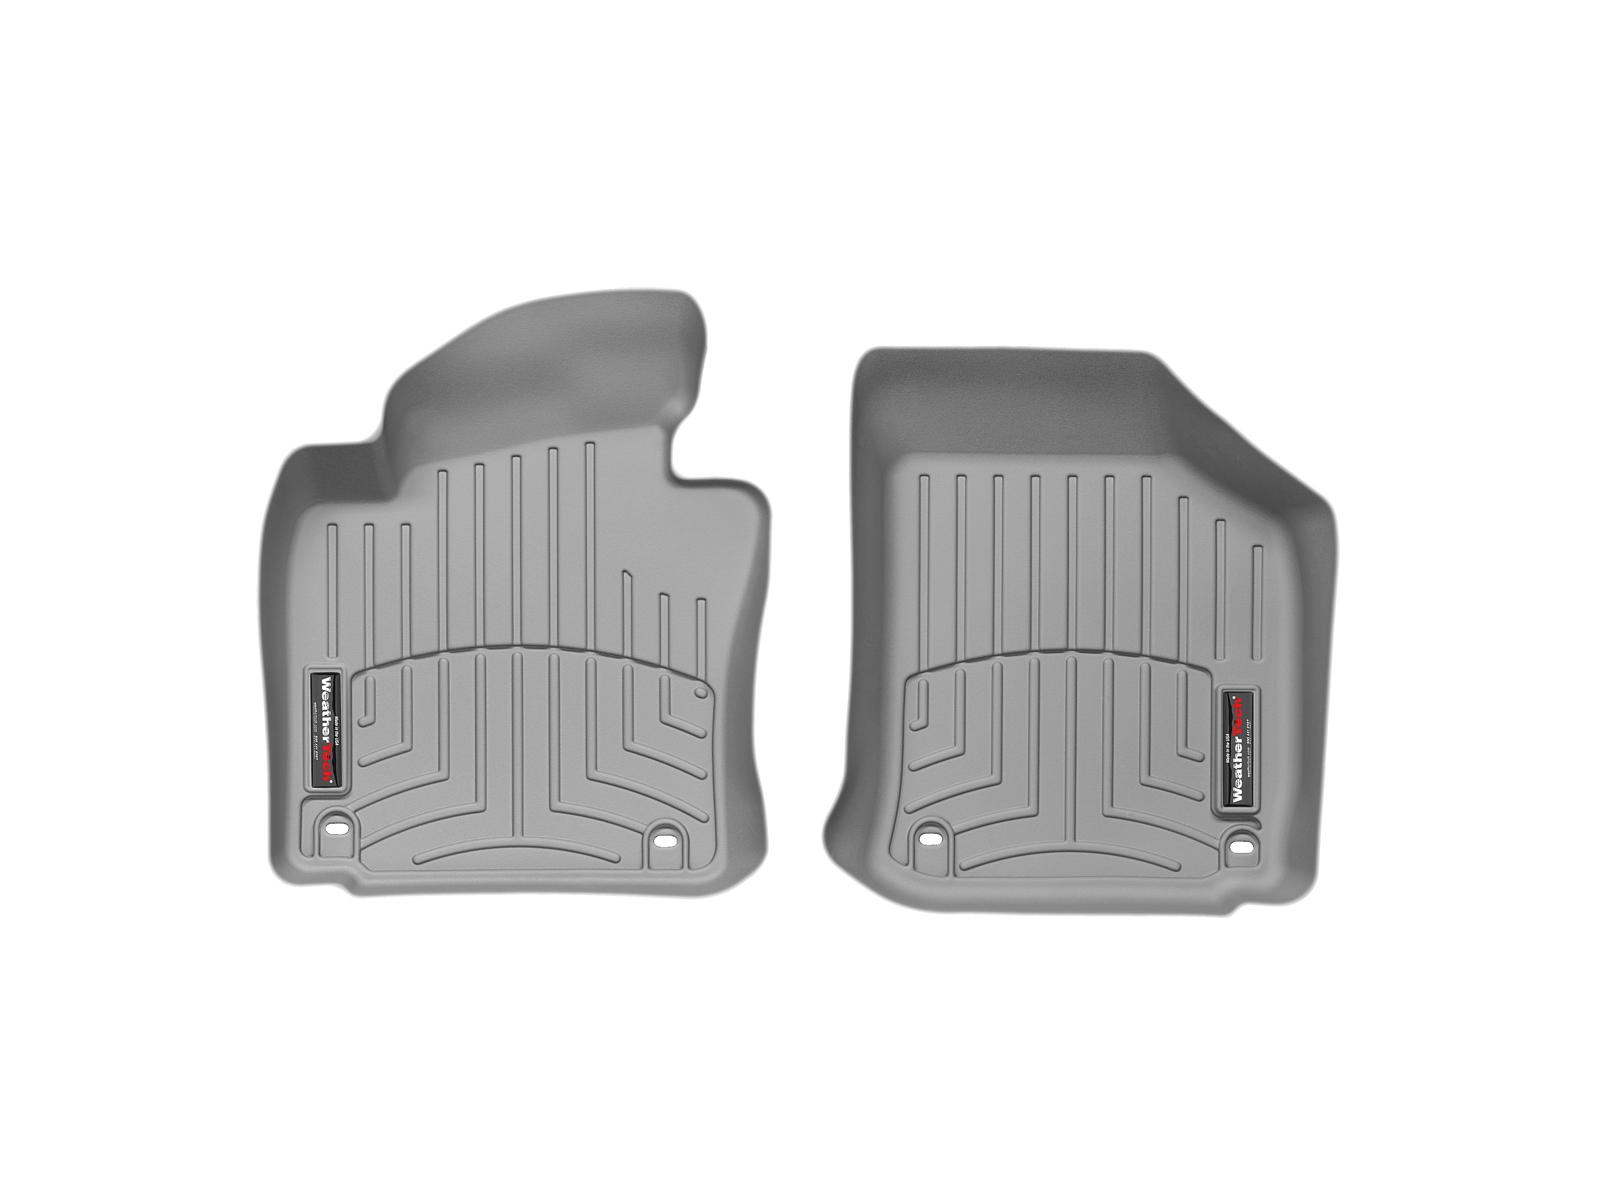 Tappeti gomma su misura bordo alto Volkswagen Eos 07>08 Grigio A4005*